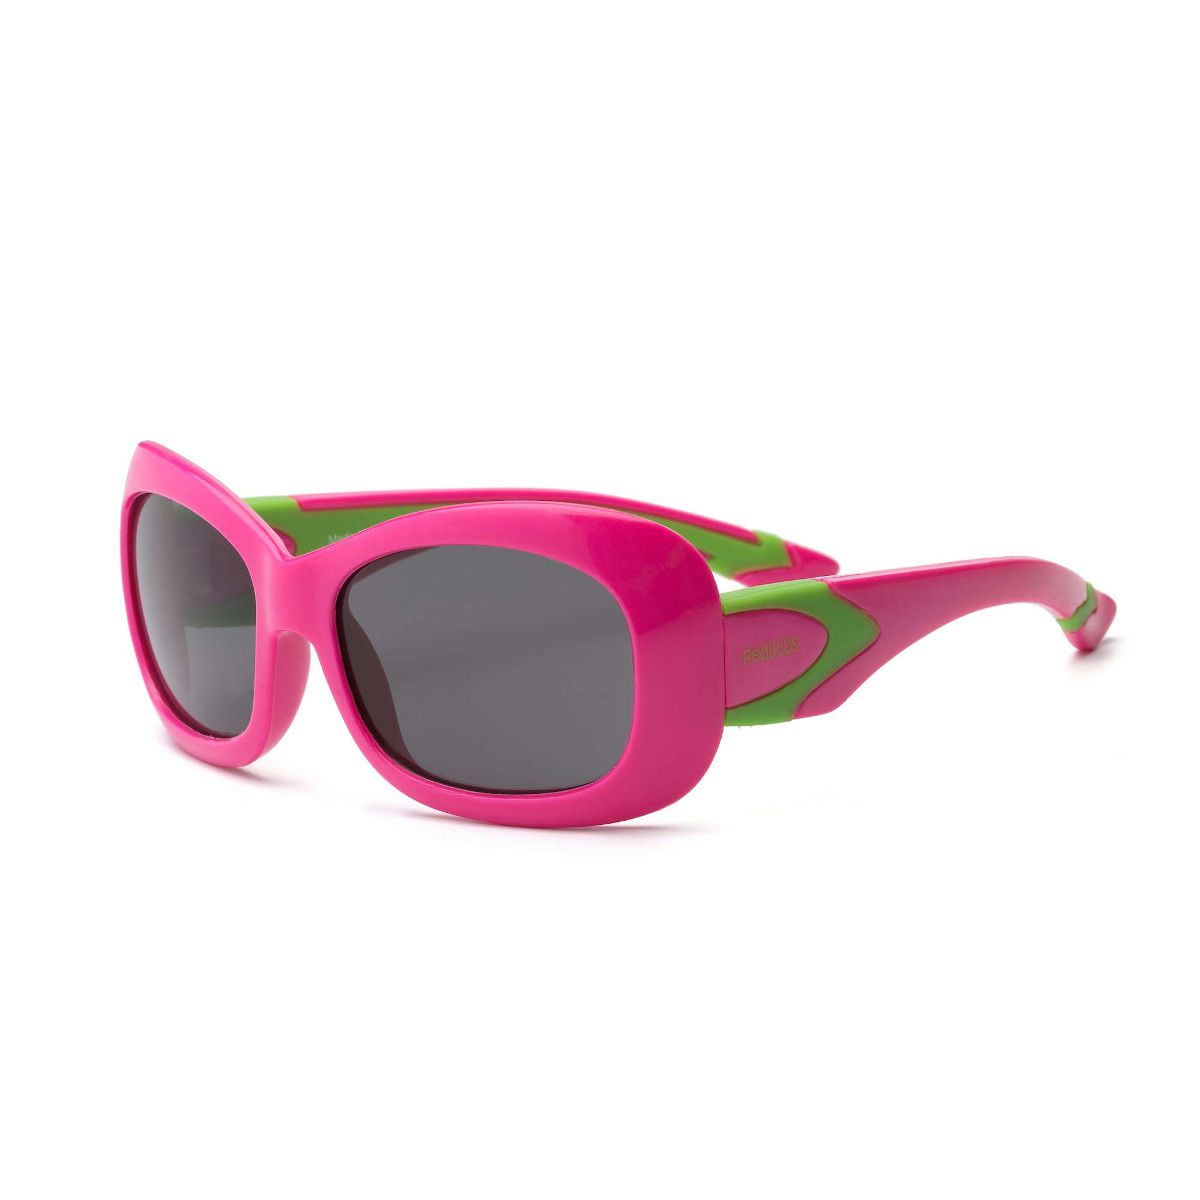 Óculos de Sol Breeze Rosa e Verde Real Shades